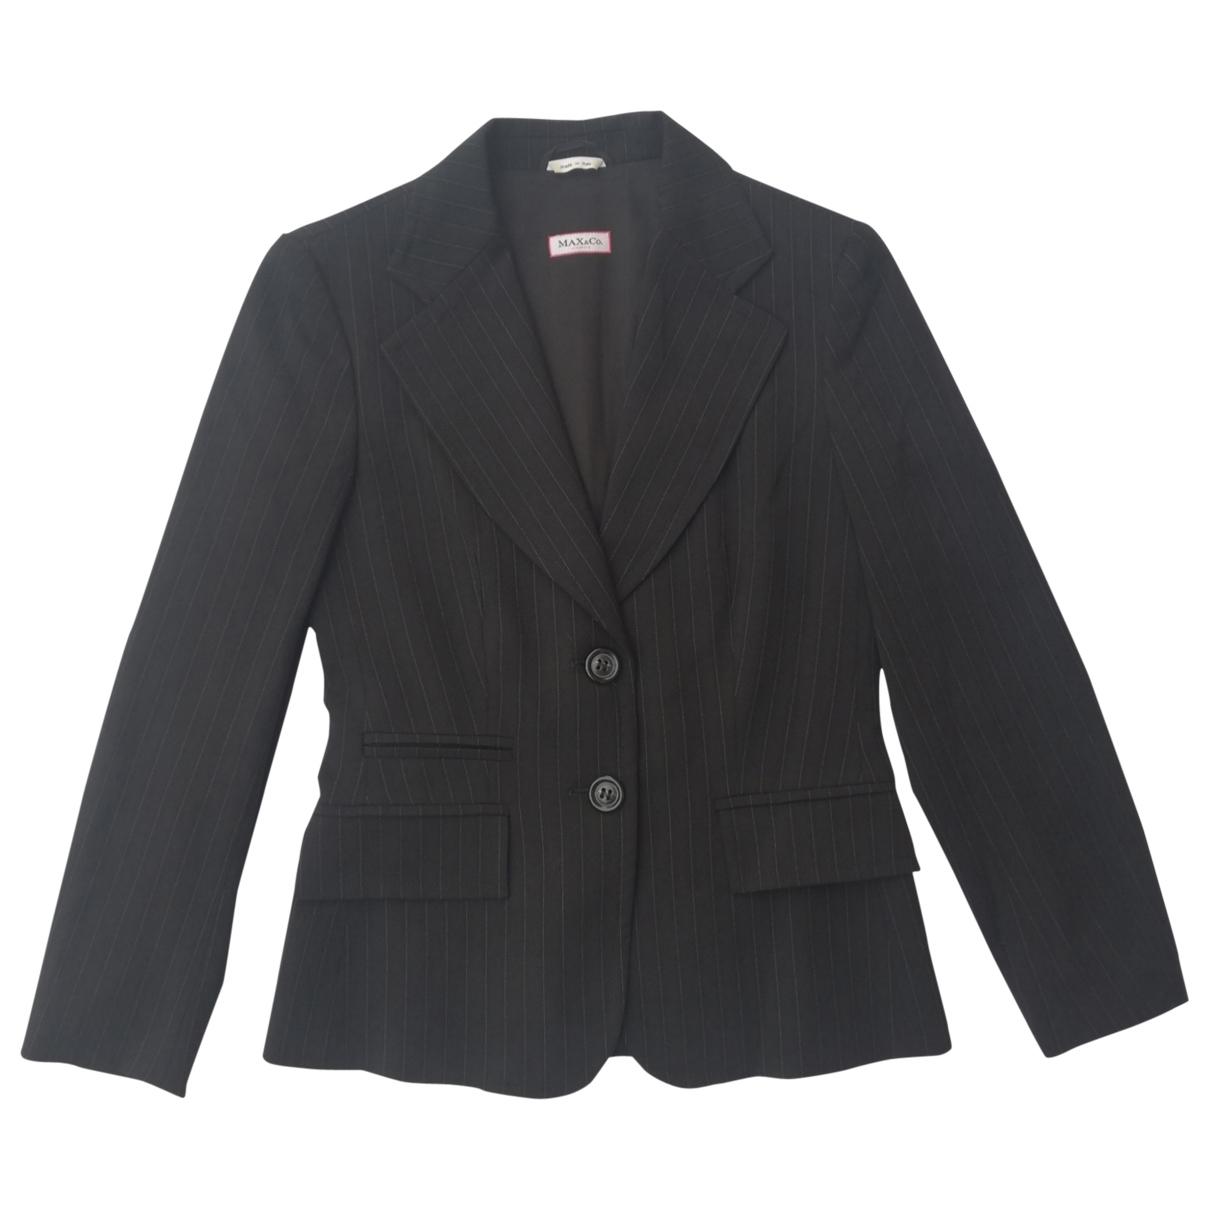 Max & Co \N Black Wool jacket for Women 36 IT